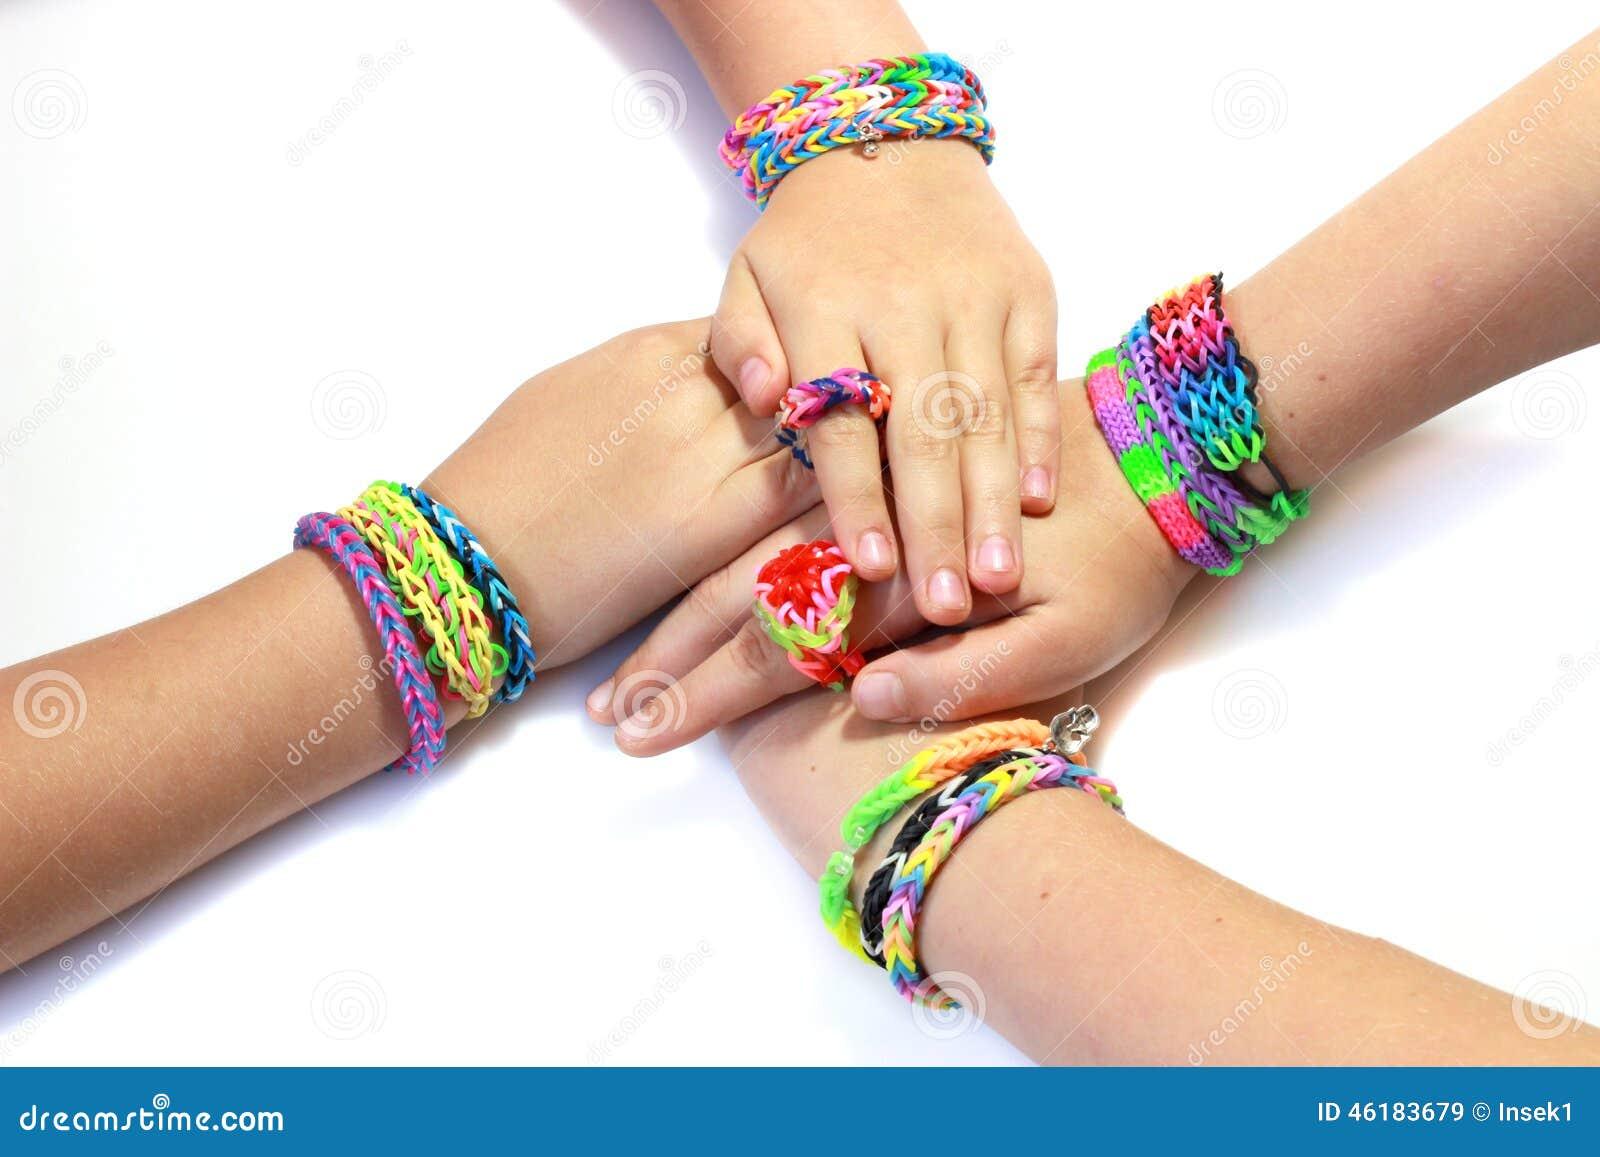 Bracelete elástico e colorido do tear do arco-íris nas mãos